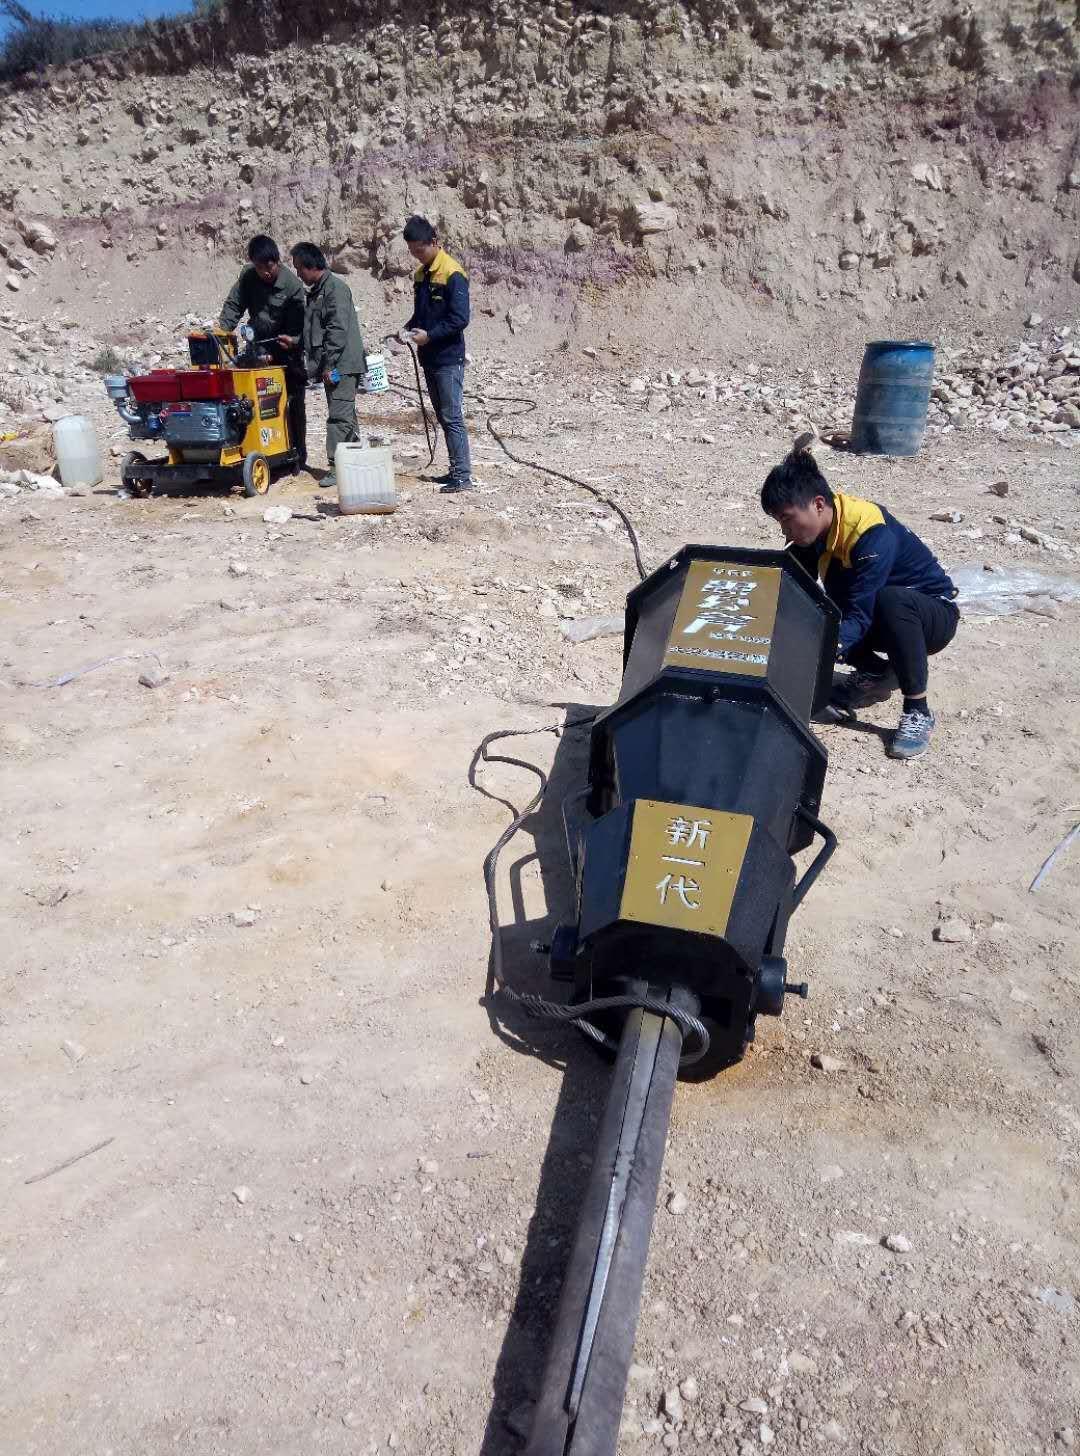 部位囹h�y�9il�aj9lc_采石场快速采石设备露天岩石劈裂机批发处